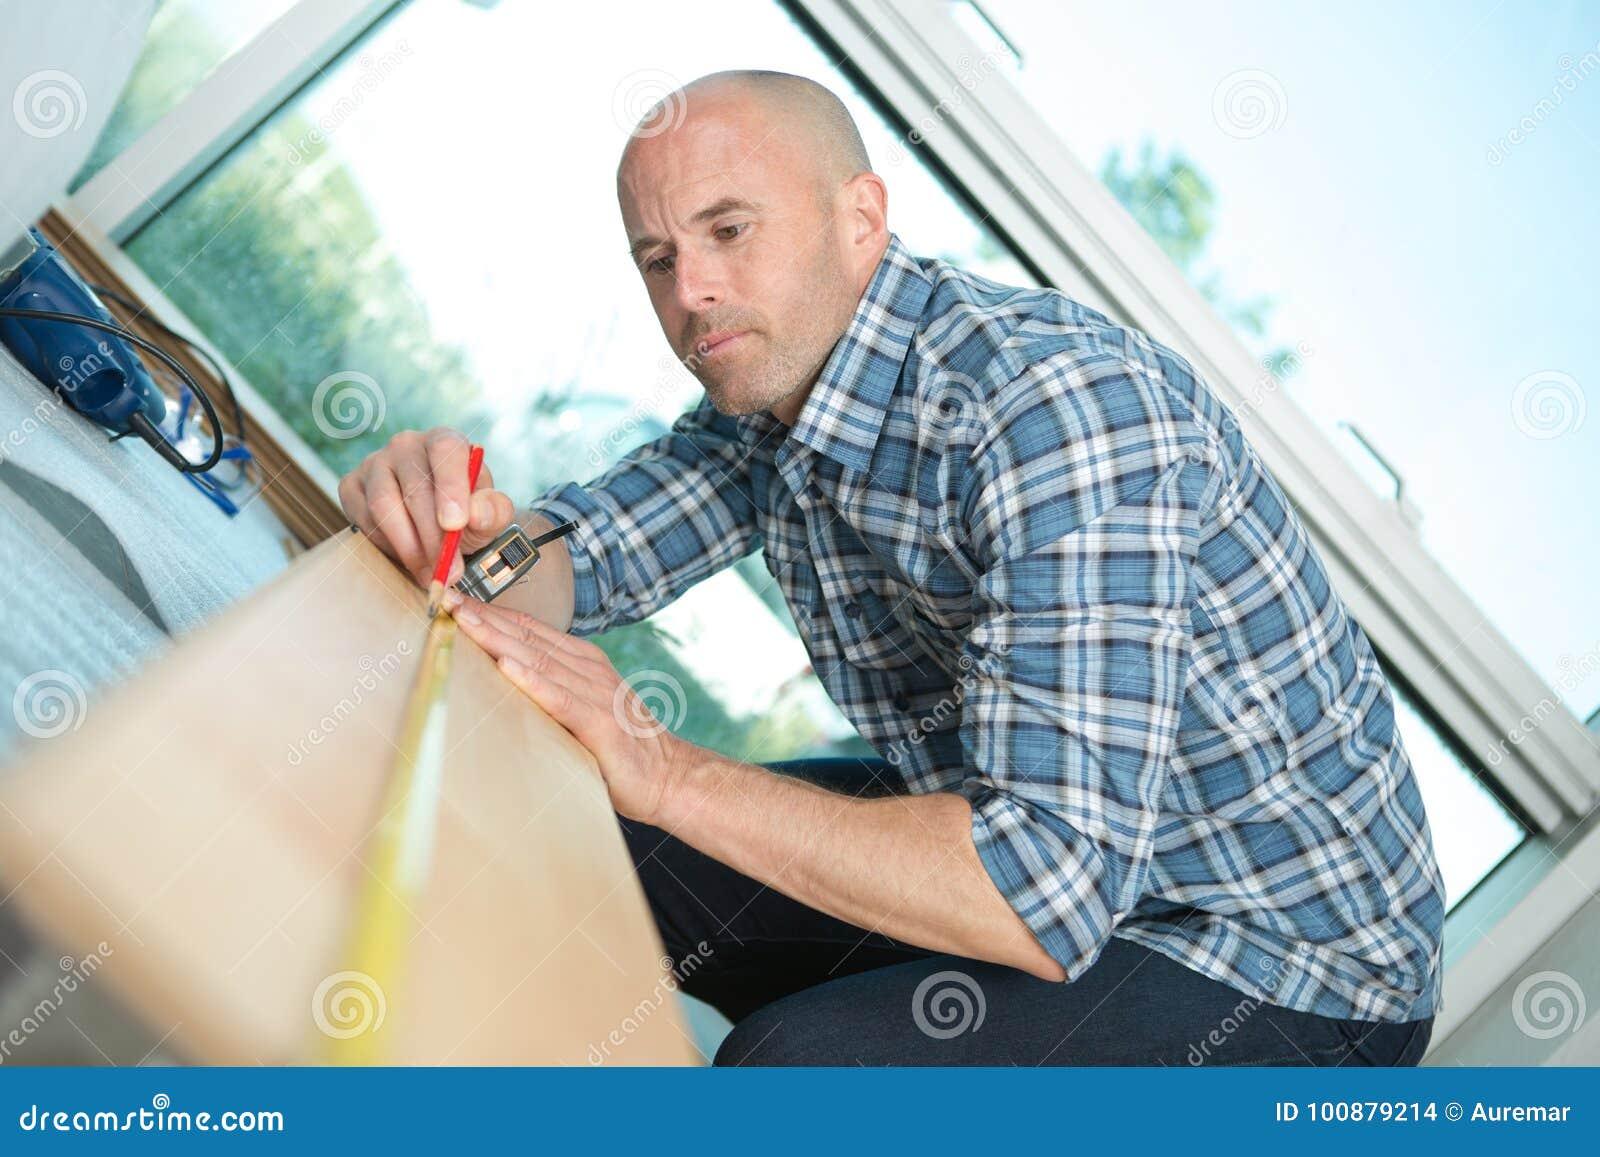 Carpinteiro que trabalha disponível a placa de madeira de medição com régua